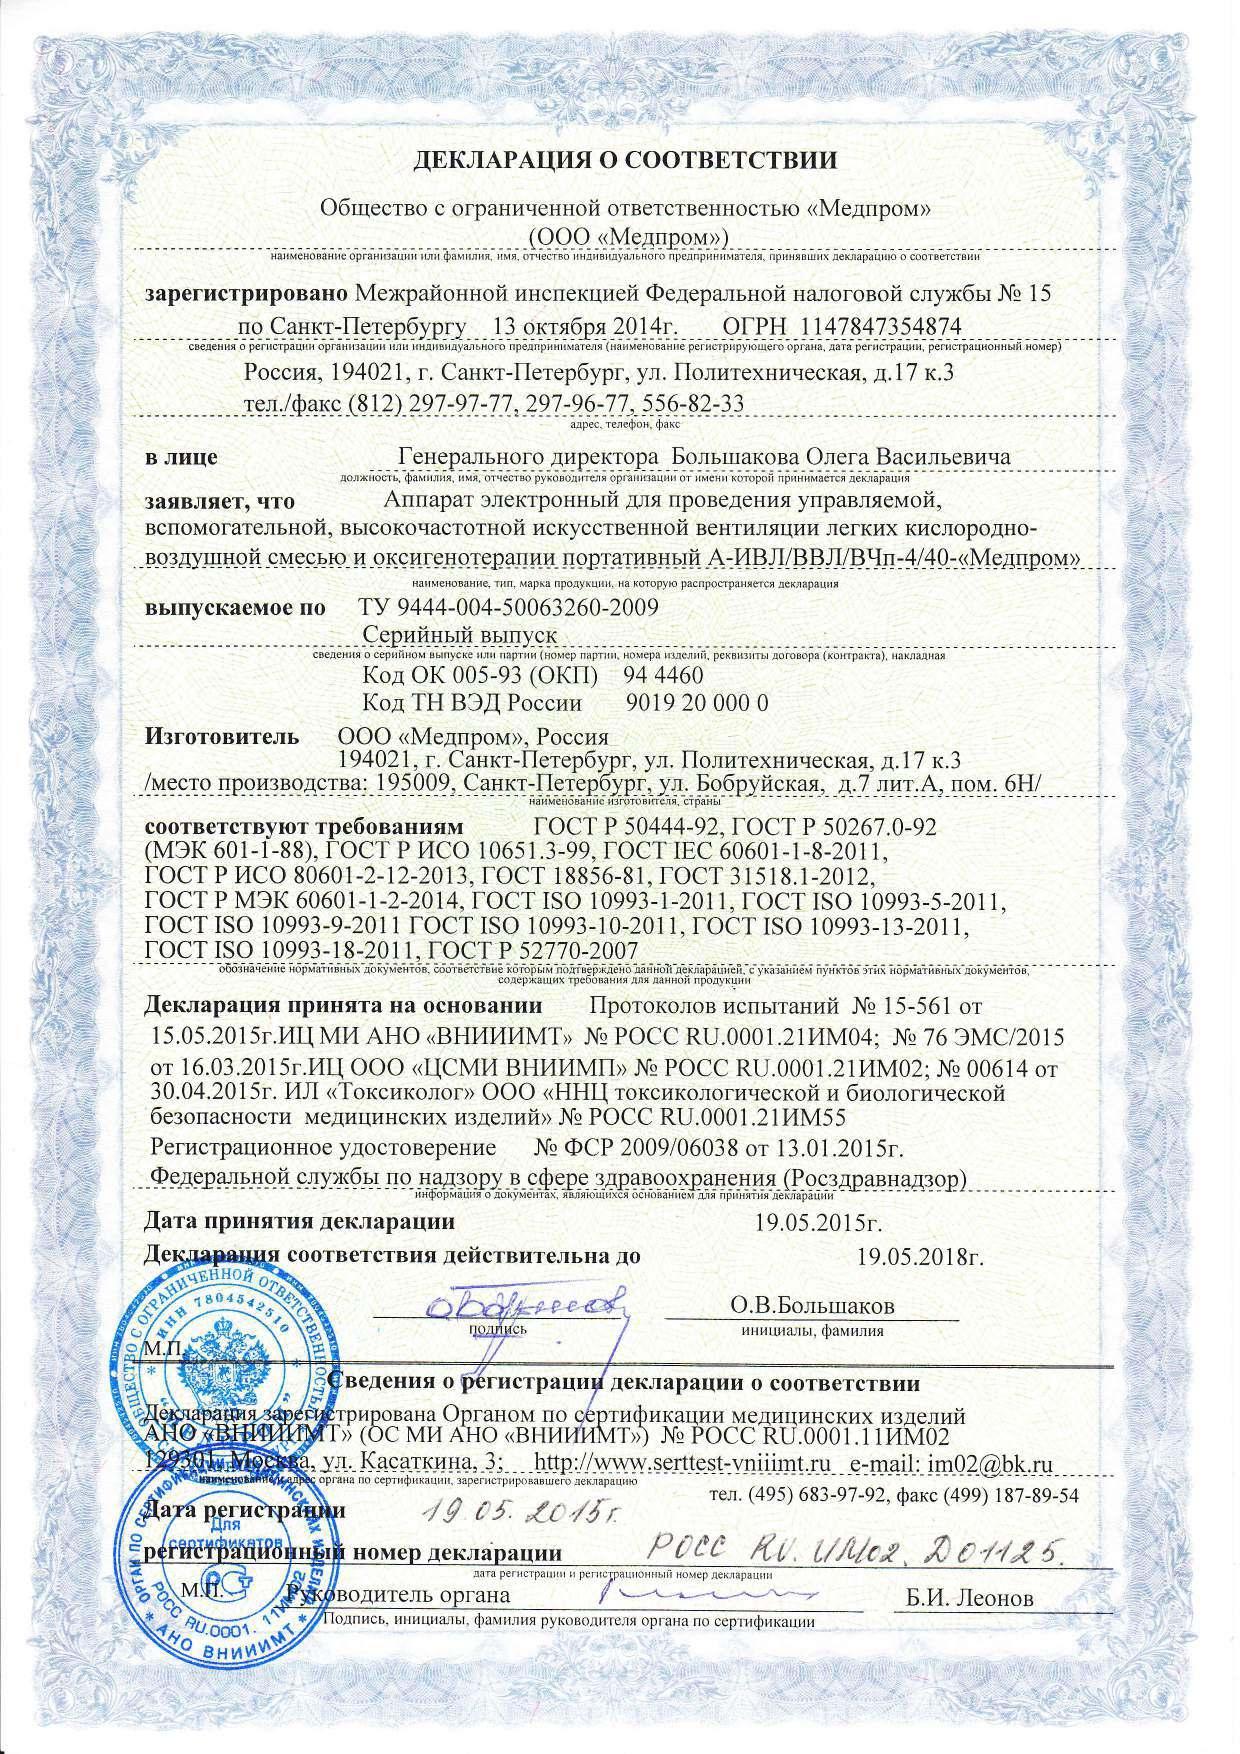 Портативный аппарат ИВЛ/ВВЛ/ВЧп-4/40